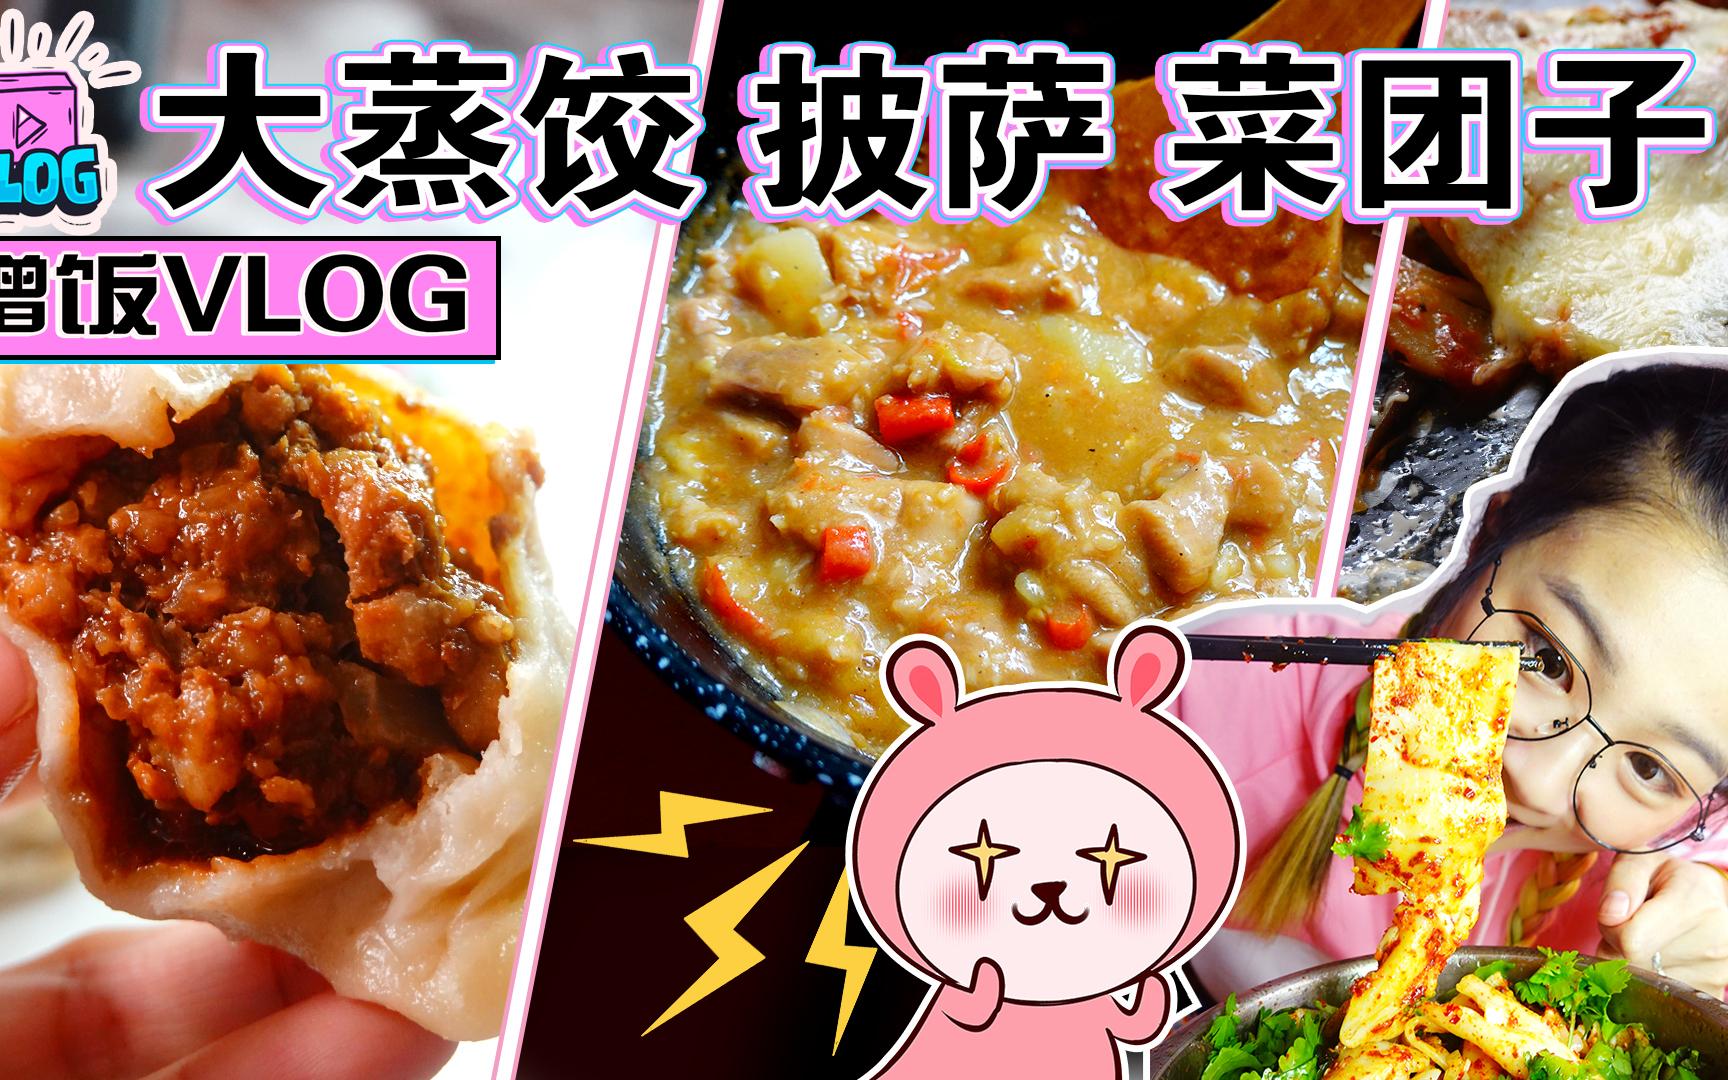 【吃喝vlog】阿姨的酱肉大蒸饺、油泼面!小姐姐的黑暗地三鲜披萨、山寨版本油焖鸡~